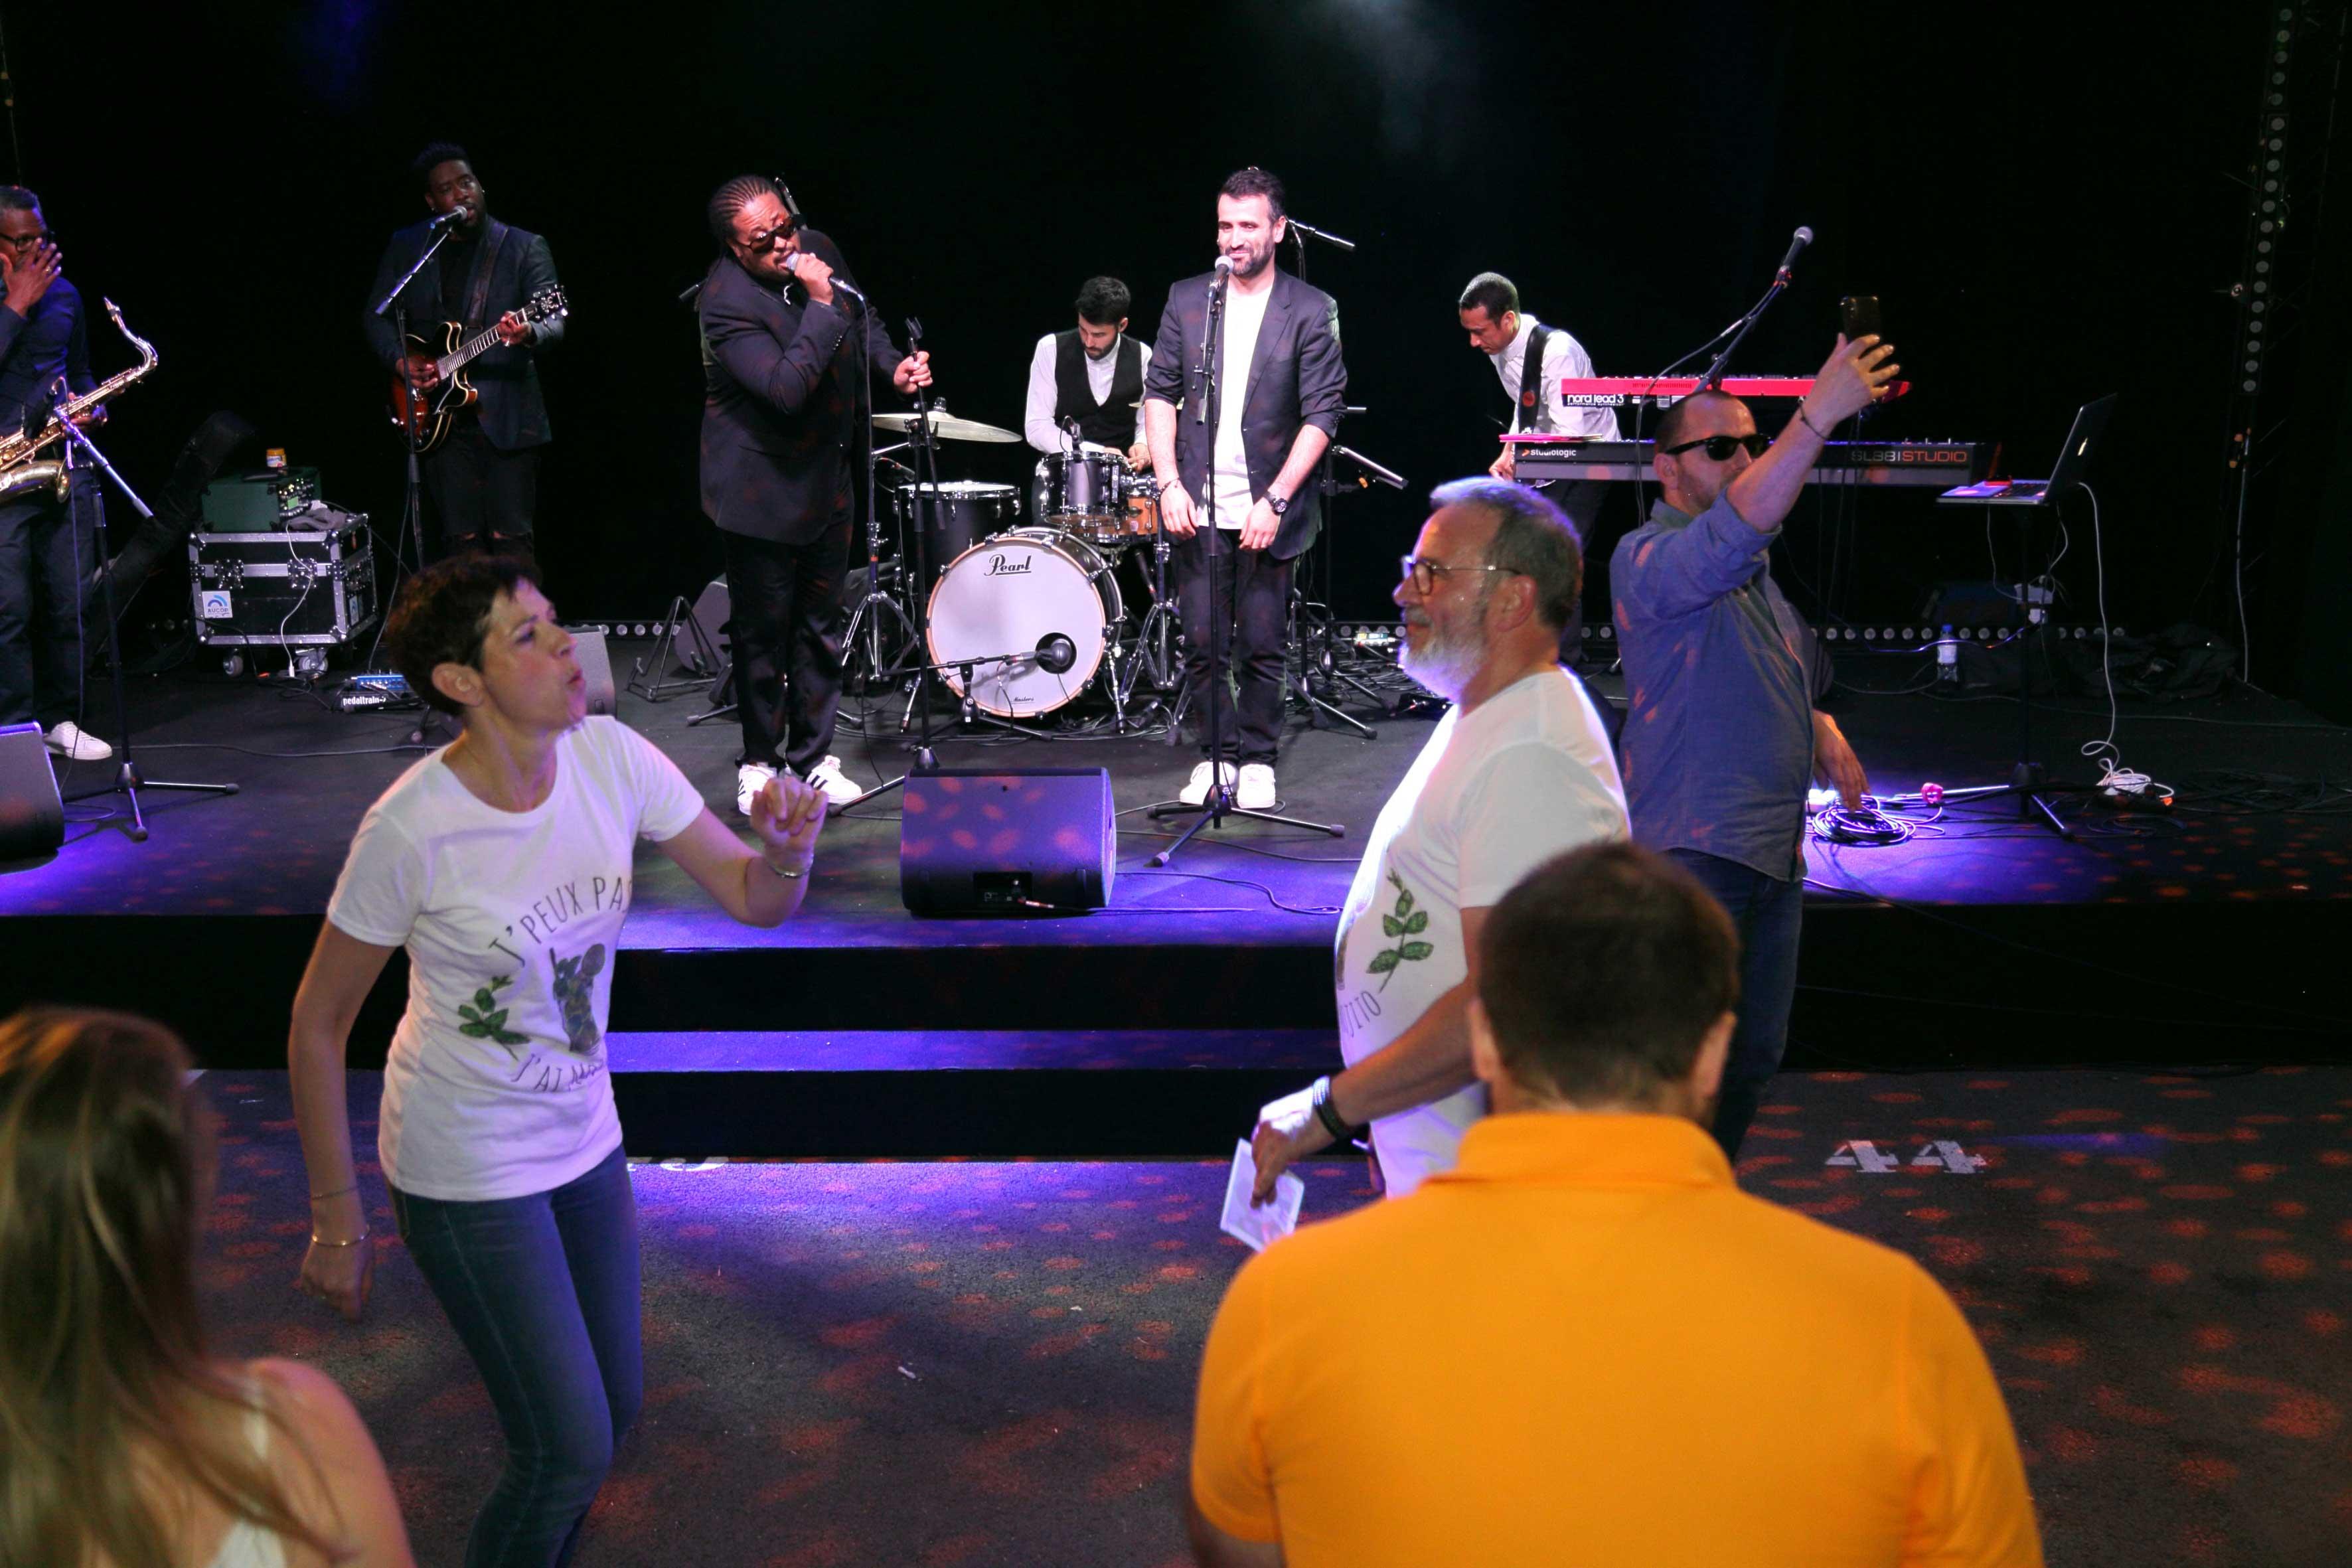 aucop-soiree-wissous-paris-music-events-agency-concert-29-juin-team-building